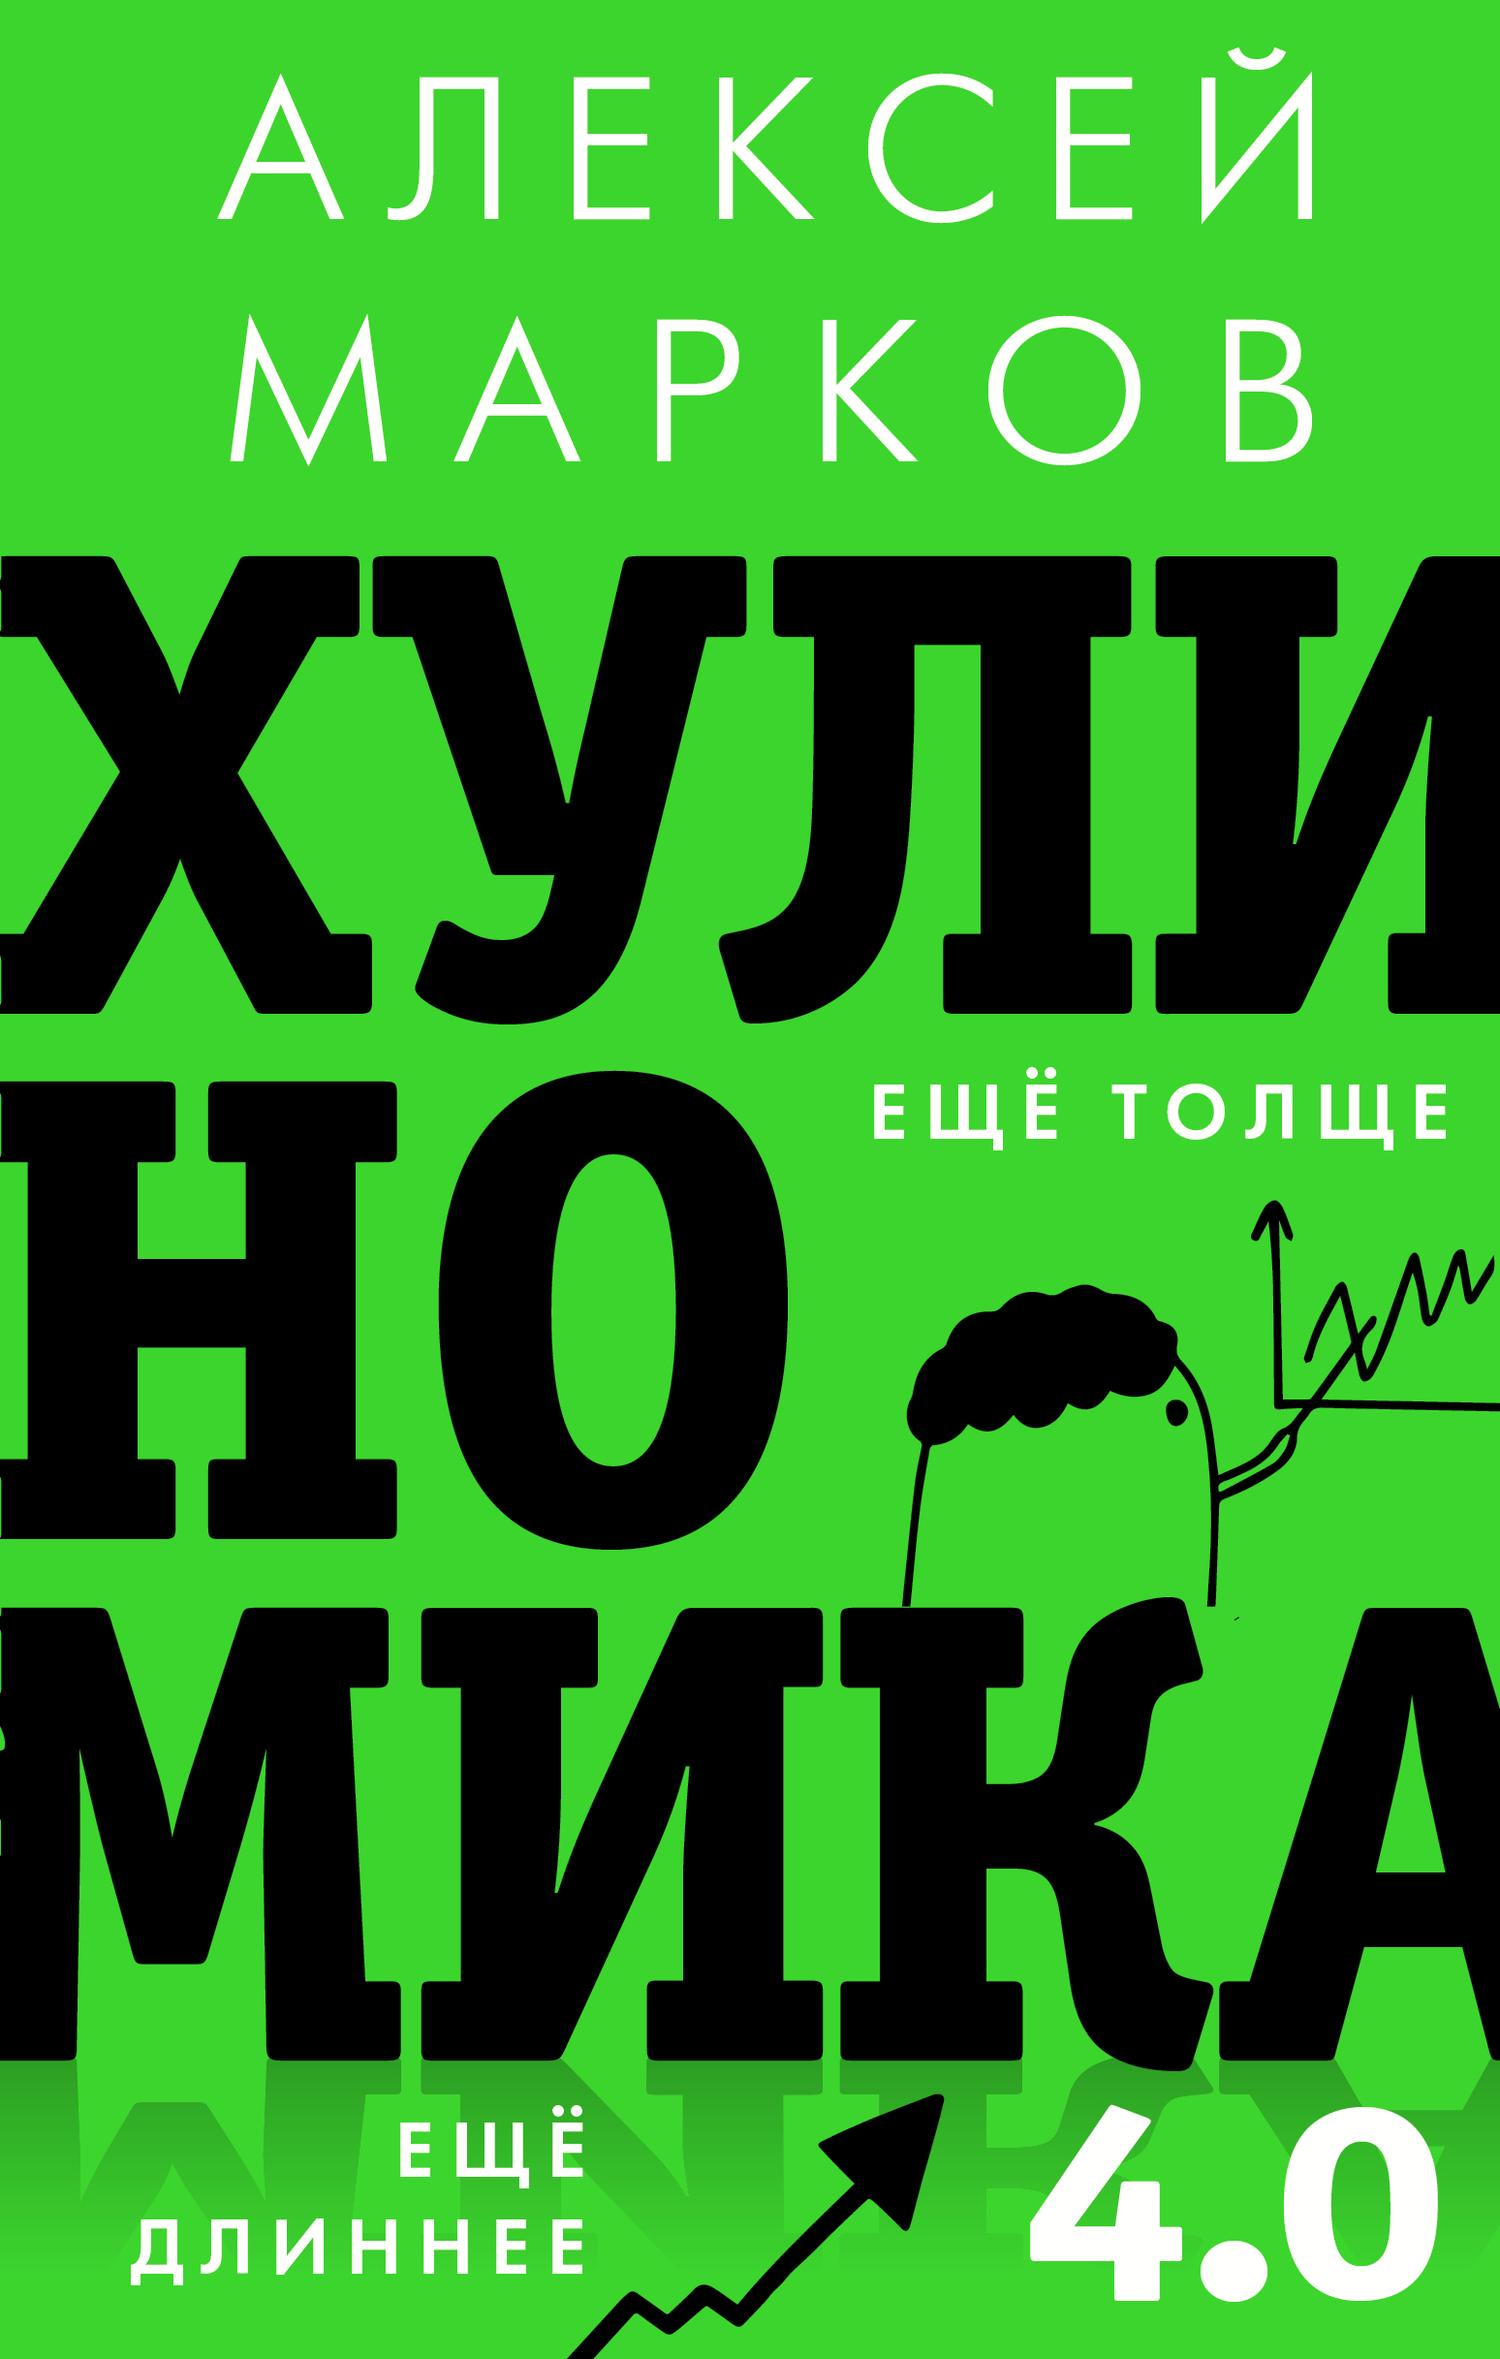 Алексей Марков - Хулиномика 3.0: хулиганская экономика. Еще толще. Еще длиннее